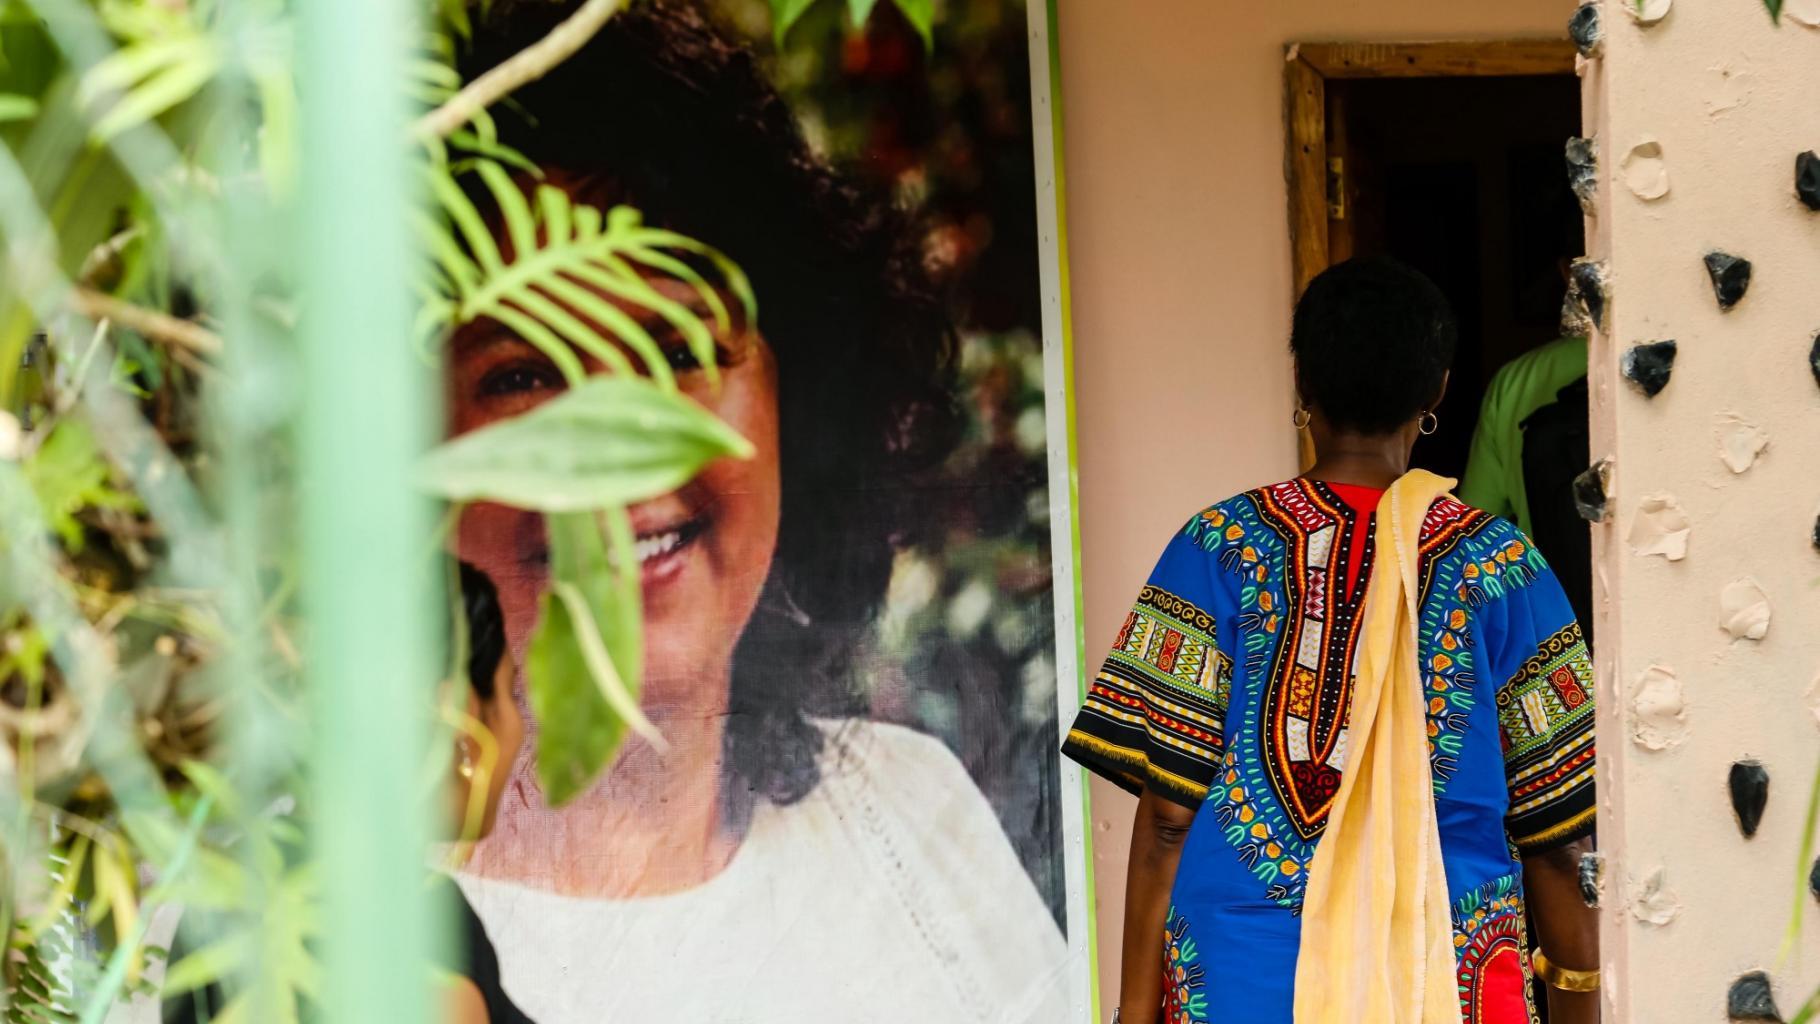 An einem großen Portraifoto von Berta Cáceres im Innenhof vorbei geht Winnie Byanyima ins Haus